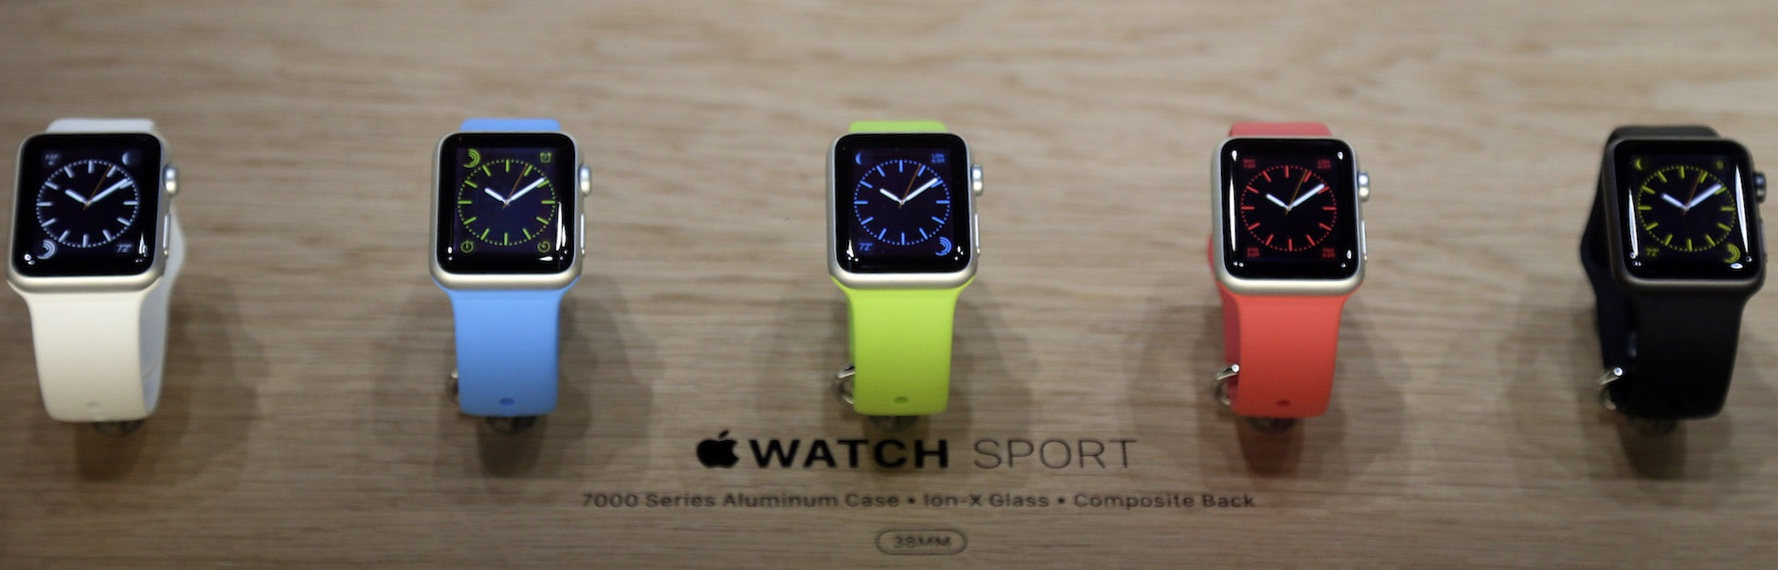 apple-watch2-ap